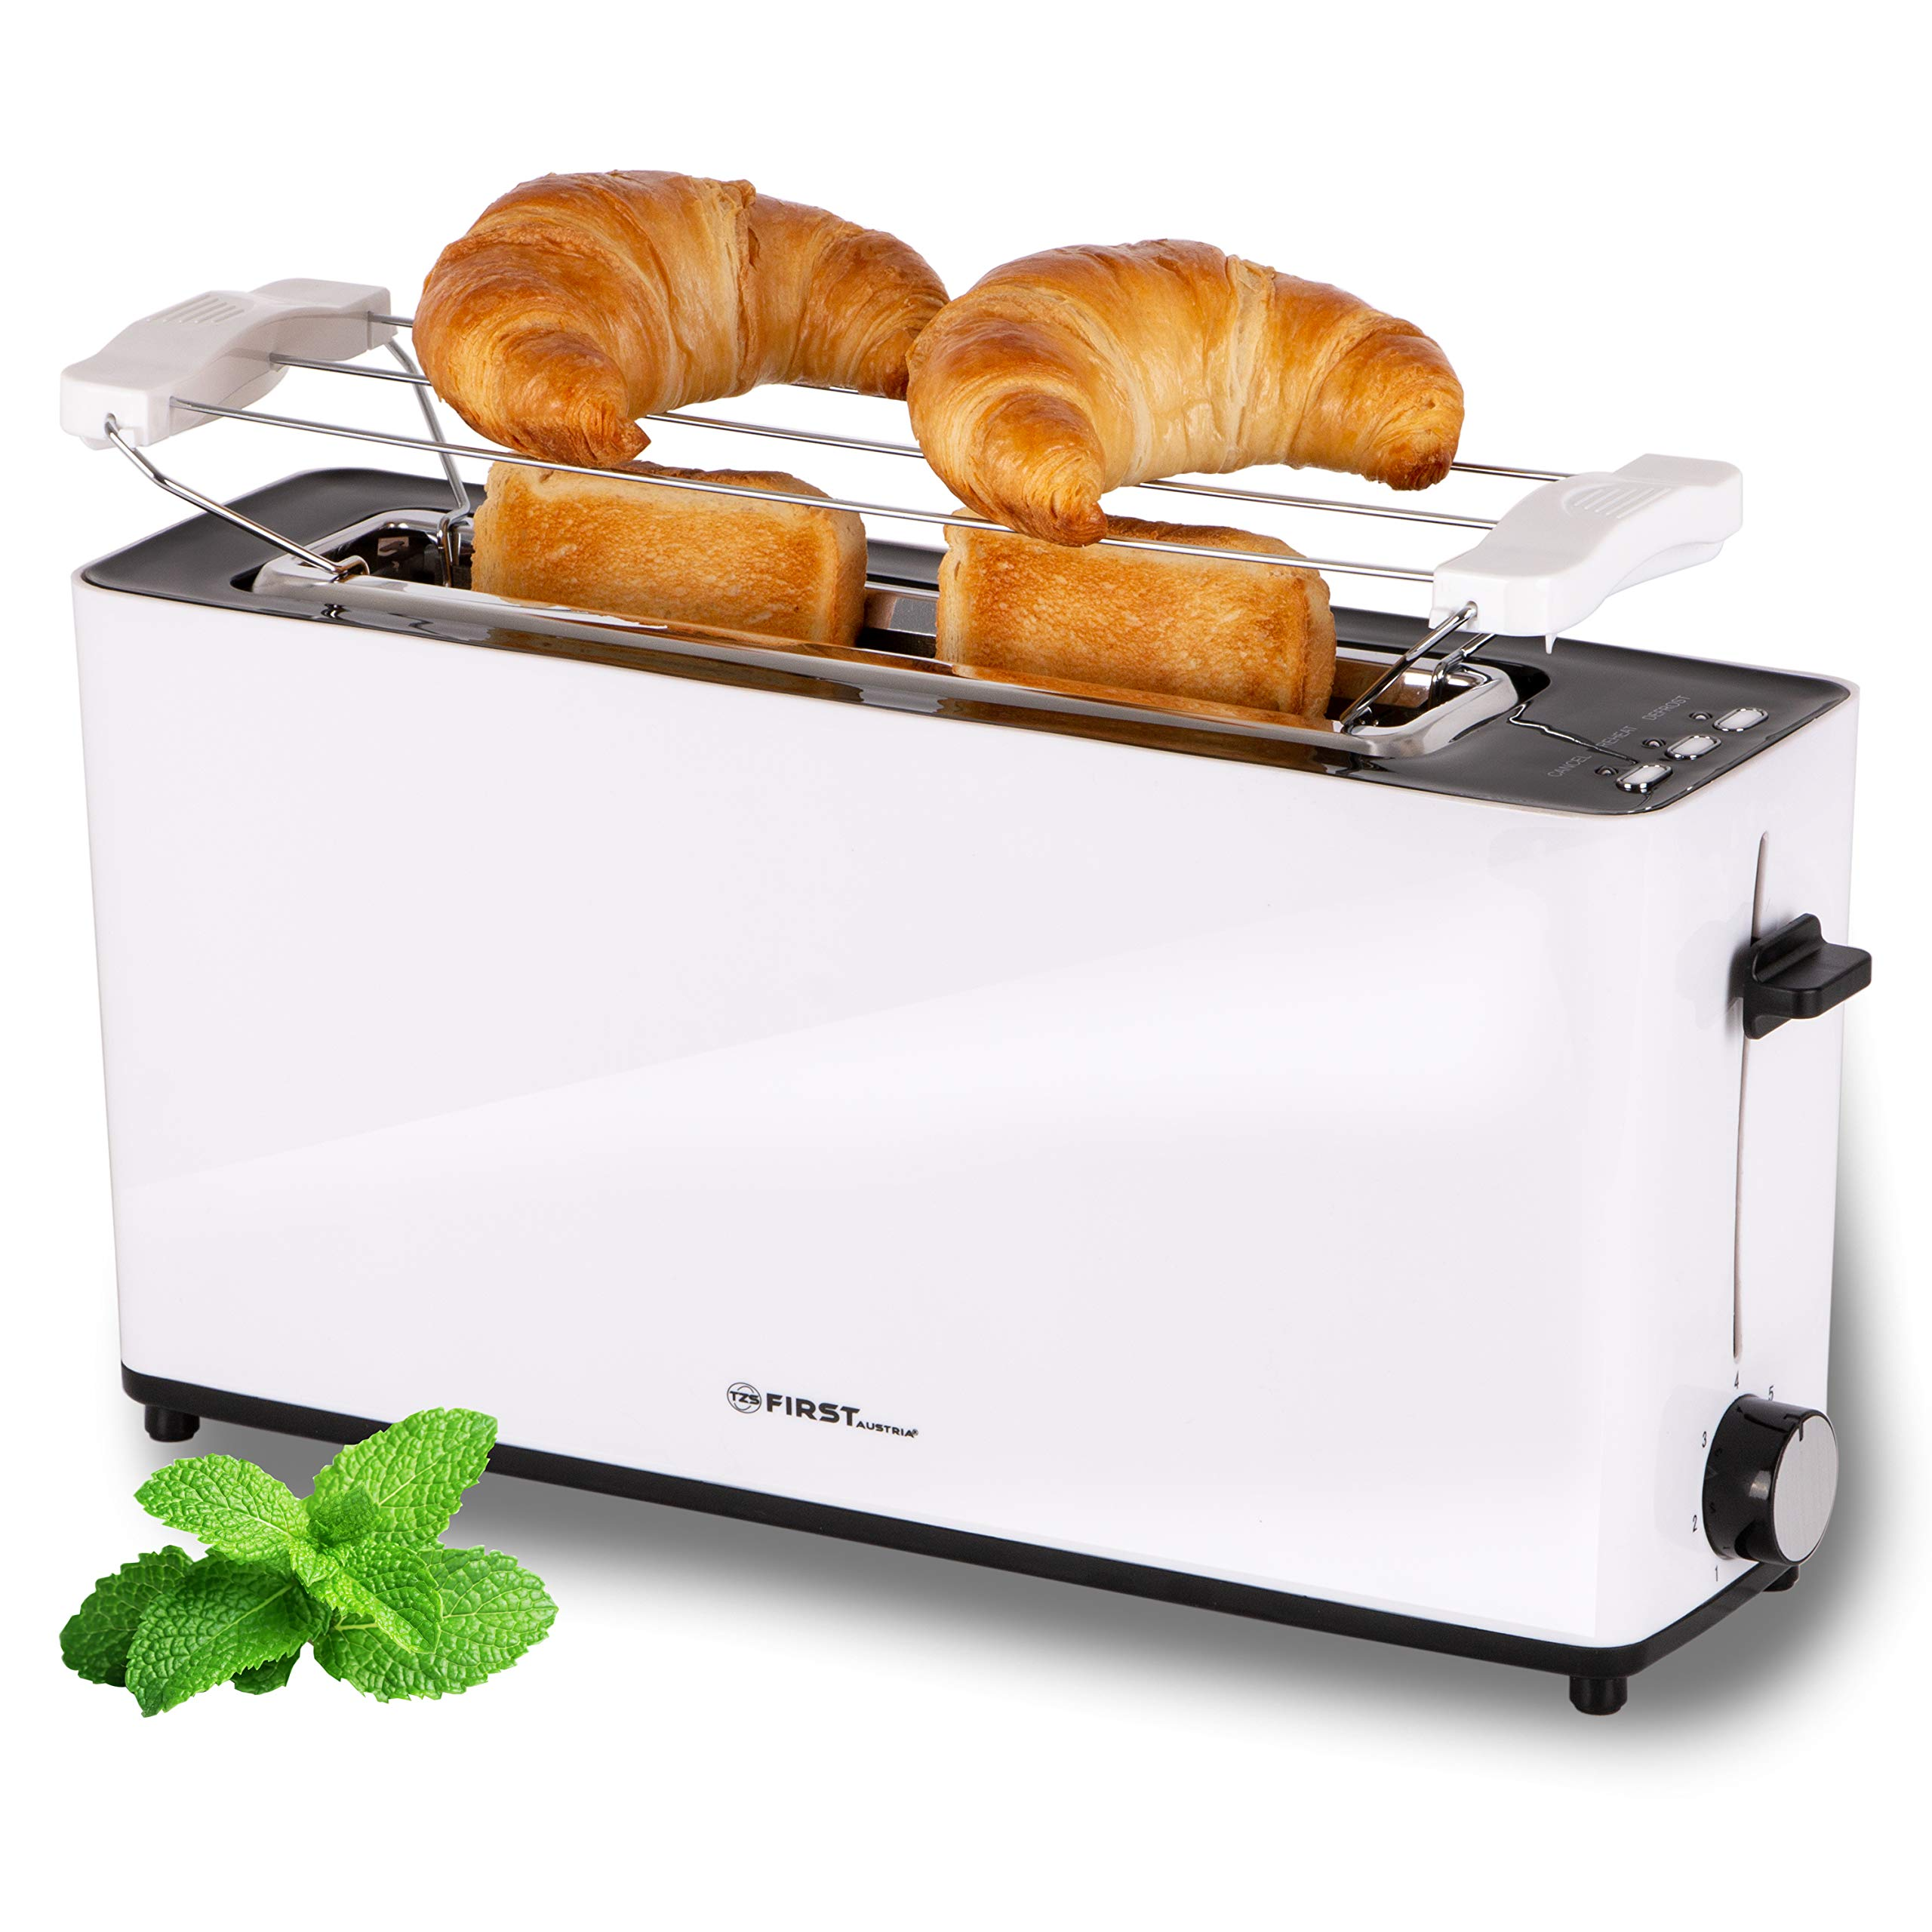 TZS-First-Austria-2-Scheiben-Langschlitztoaster-Toaster-mit-Nachhabe-Funktion-Cool-Touch-Gehuse-integrierter-Brtchenaufsatz-Krmelschublade-Sandwichtoast-geeignet-Langschlitz-Toaster-wei